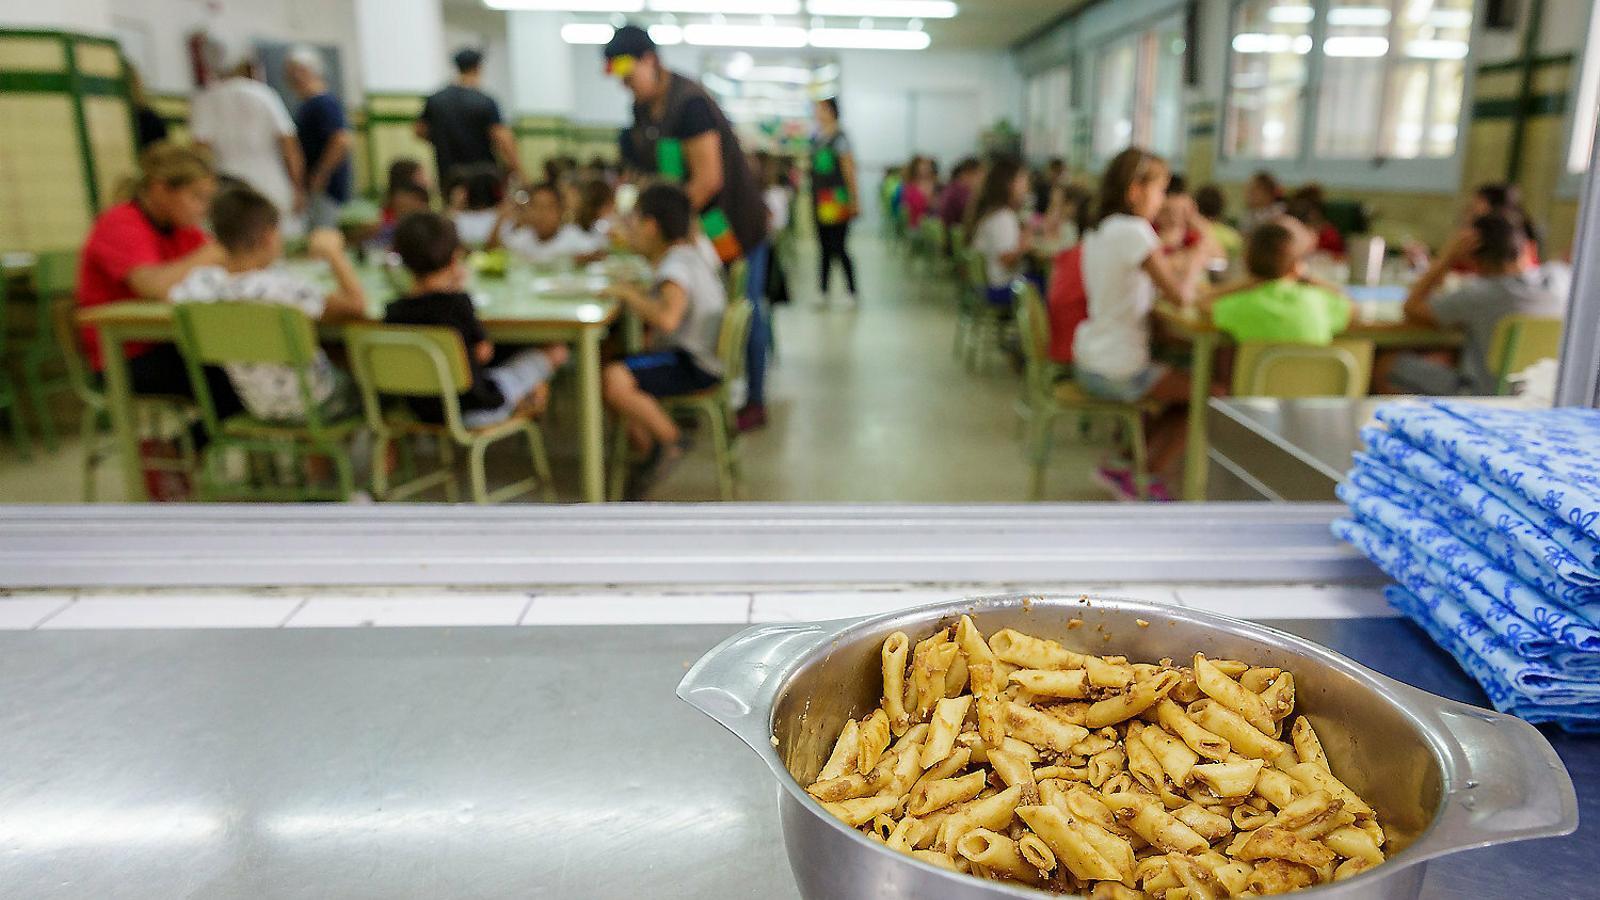 El menjador escolar costarà 6,20 euros per desè any consecutiu